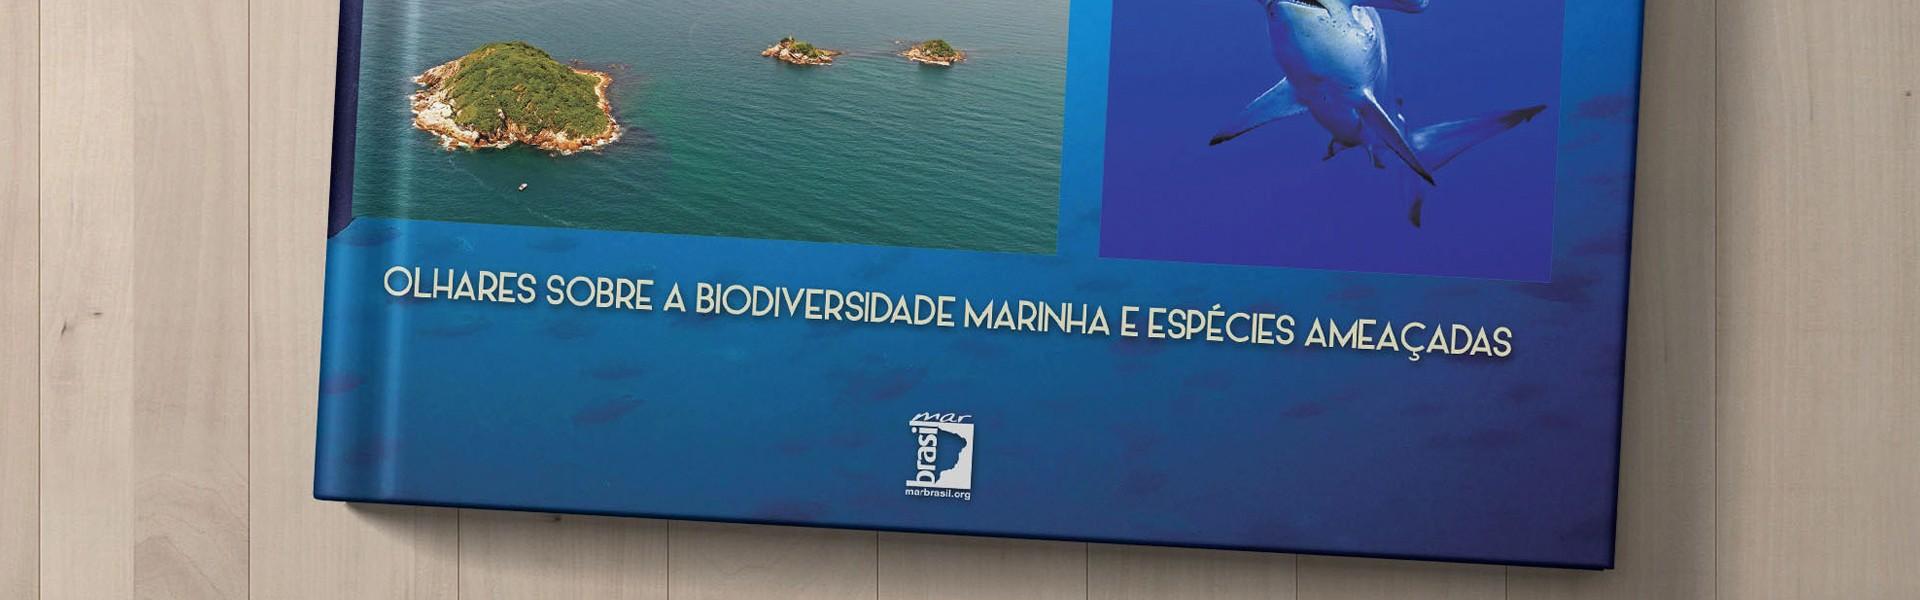 Livro sobre a biodiversidade marinha será disponibilizado gratuitamente em evento do REBIMAR